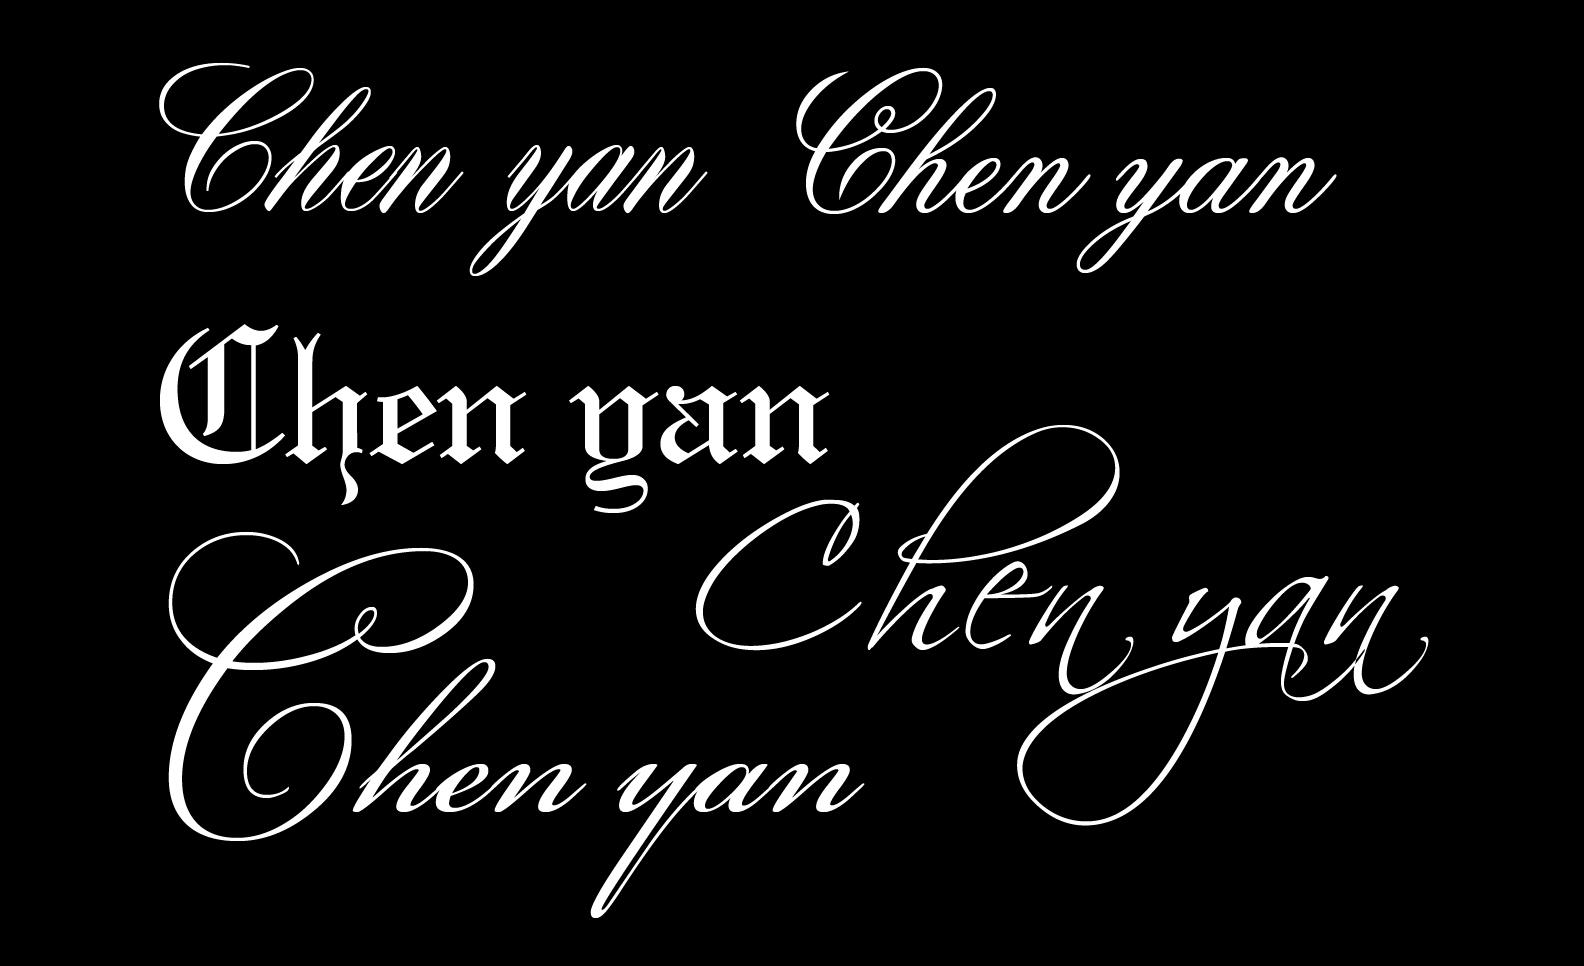 抱歉的英文_请问下chenyan的花体英文如何设计 纹身用的.